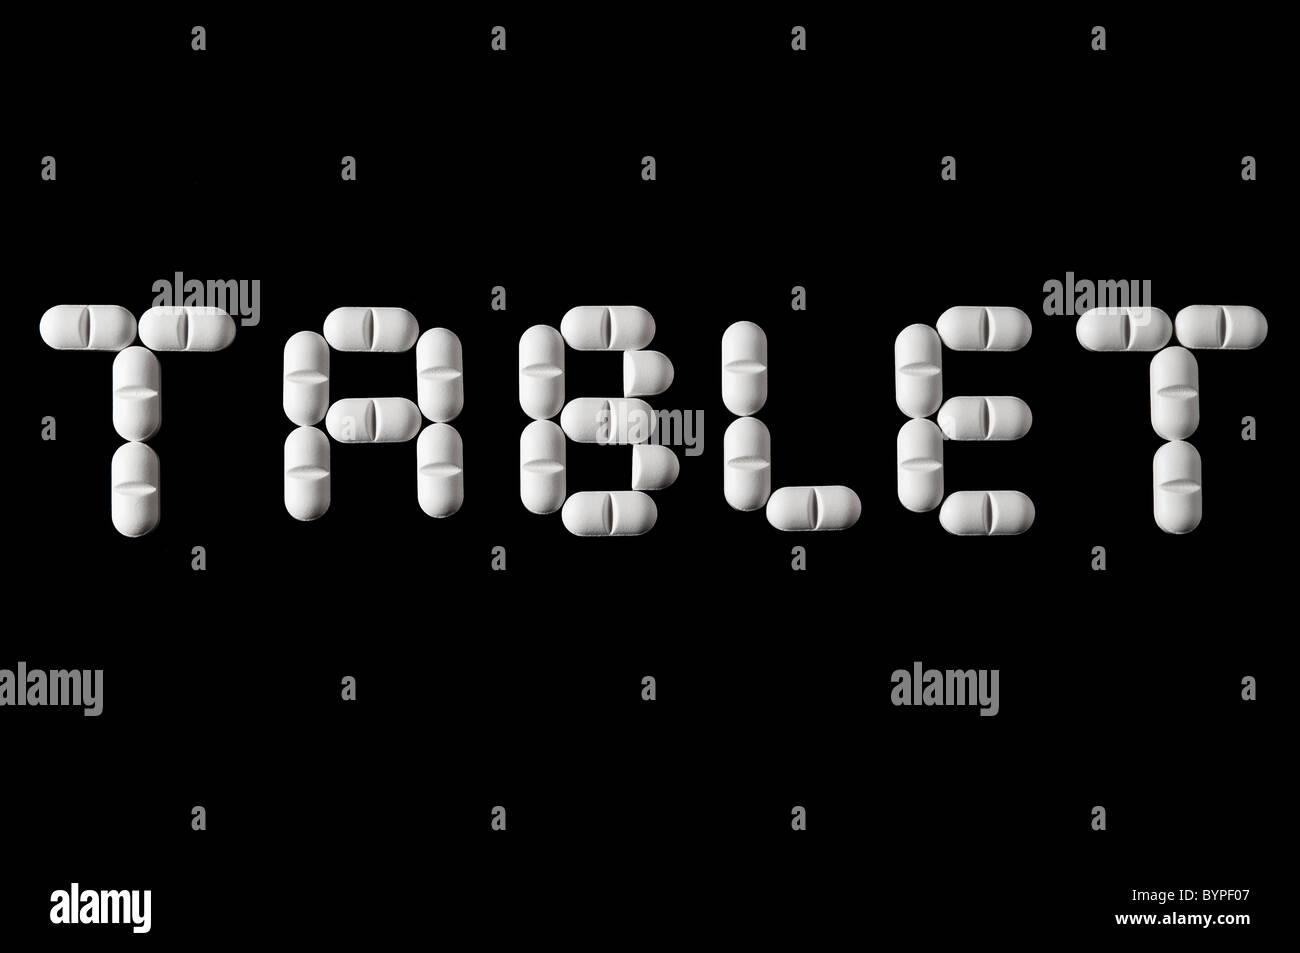 das Wort Tablet, englisch fuer Tablette aus einzelnen Tabletten zusammengesetzt Word tablet build with tablets Stock Photo